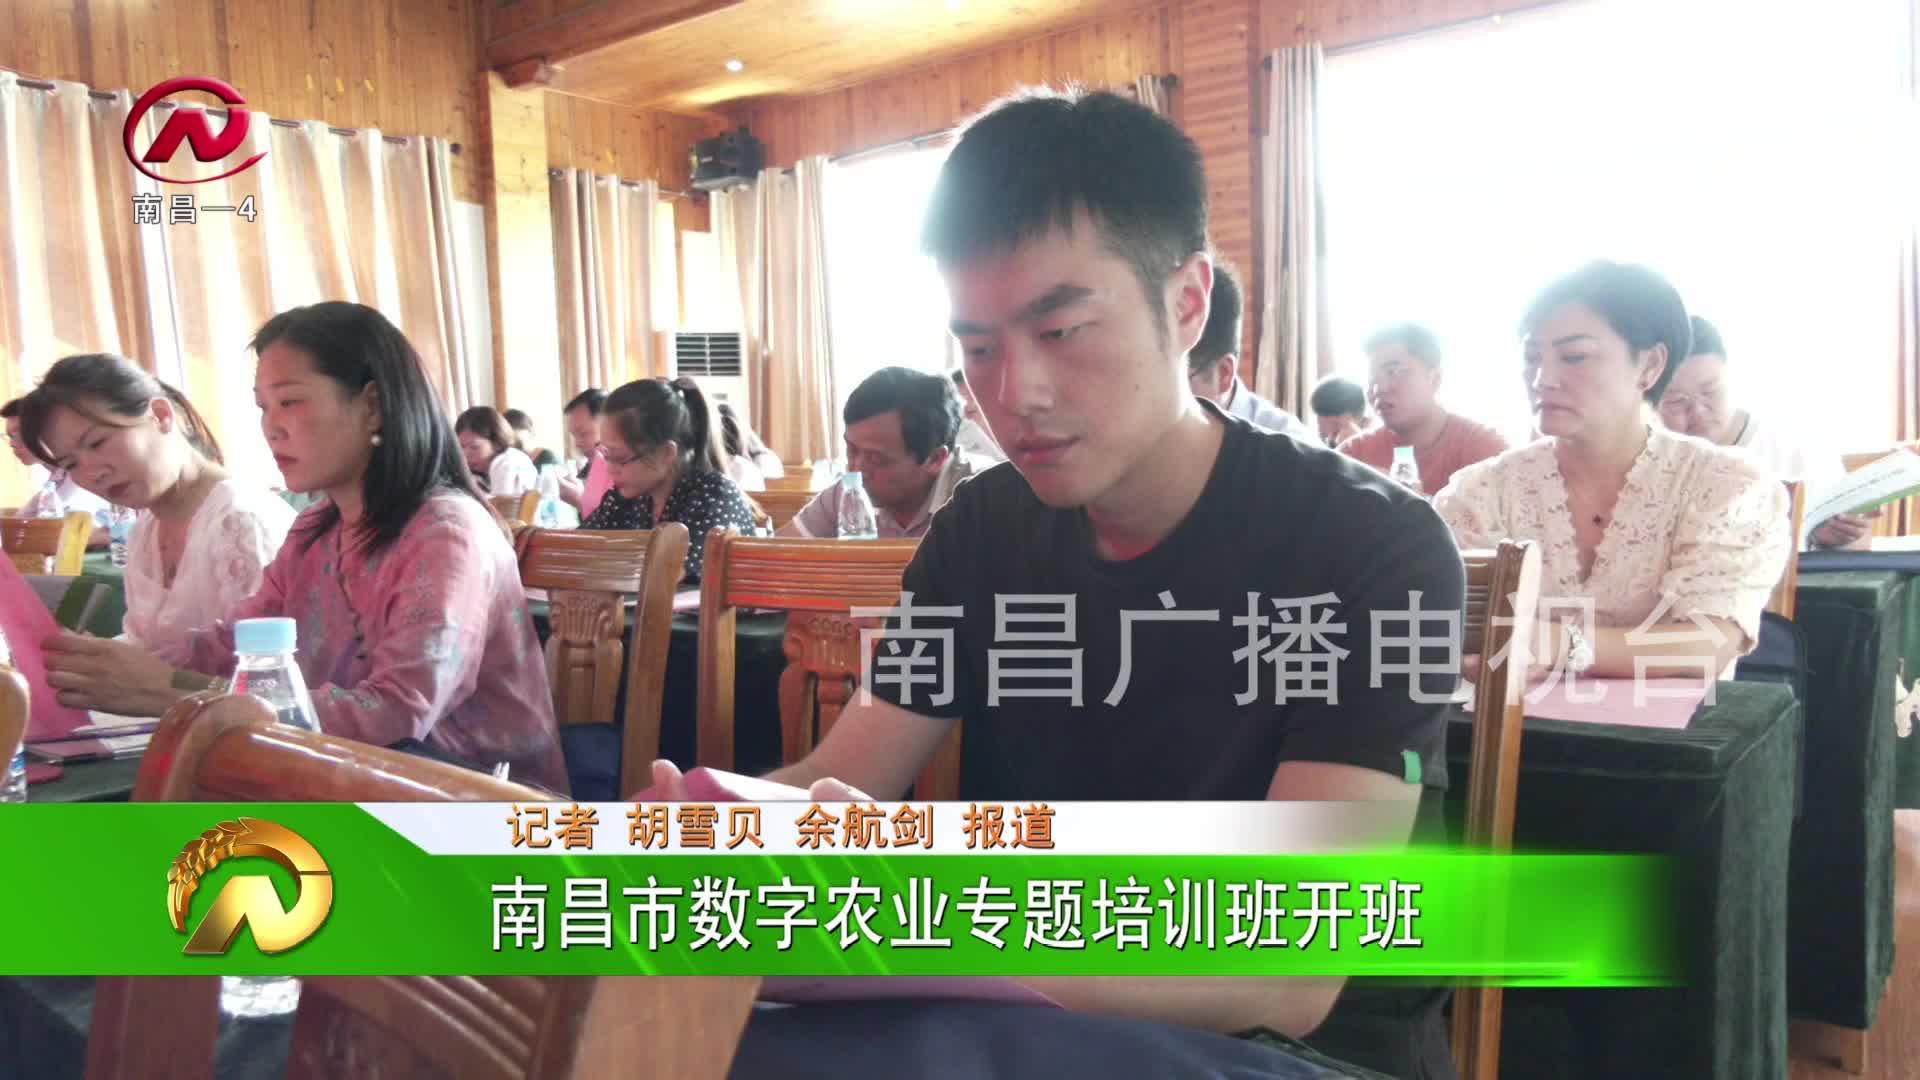 【豫章农视】南昌市数字农业专题培训班开班